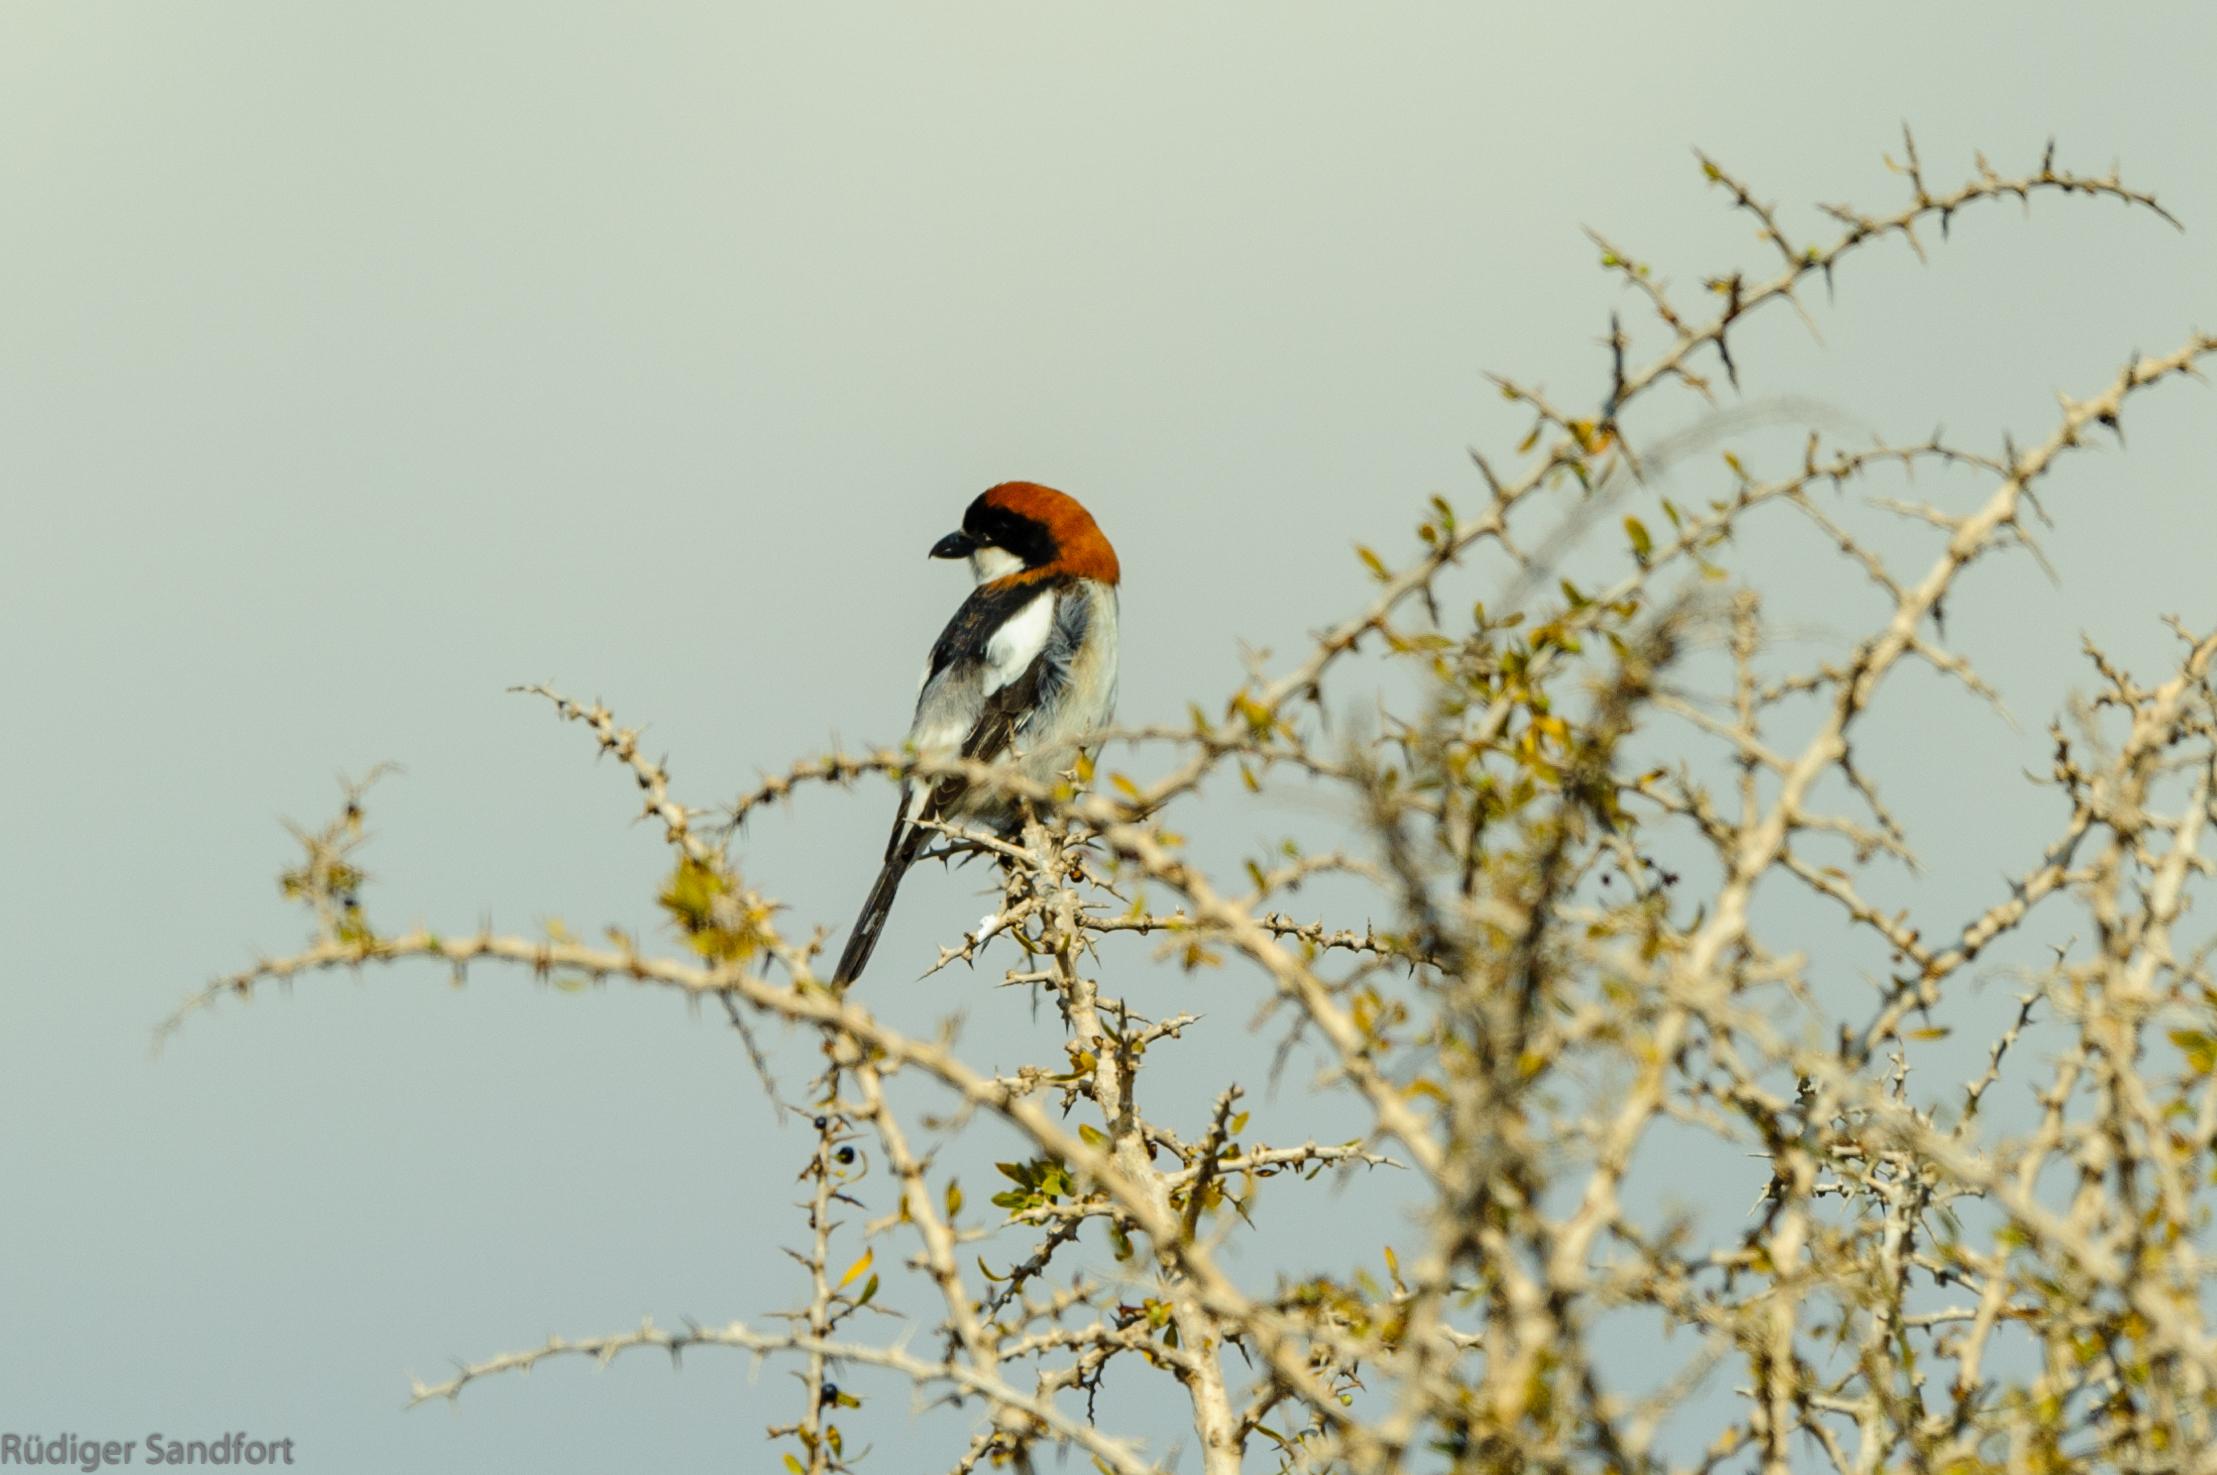 Woodchat Shrike / Rotkopfwürger